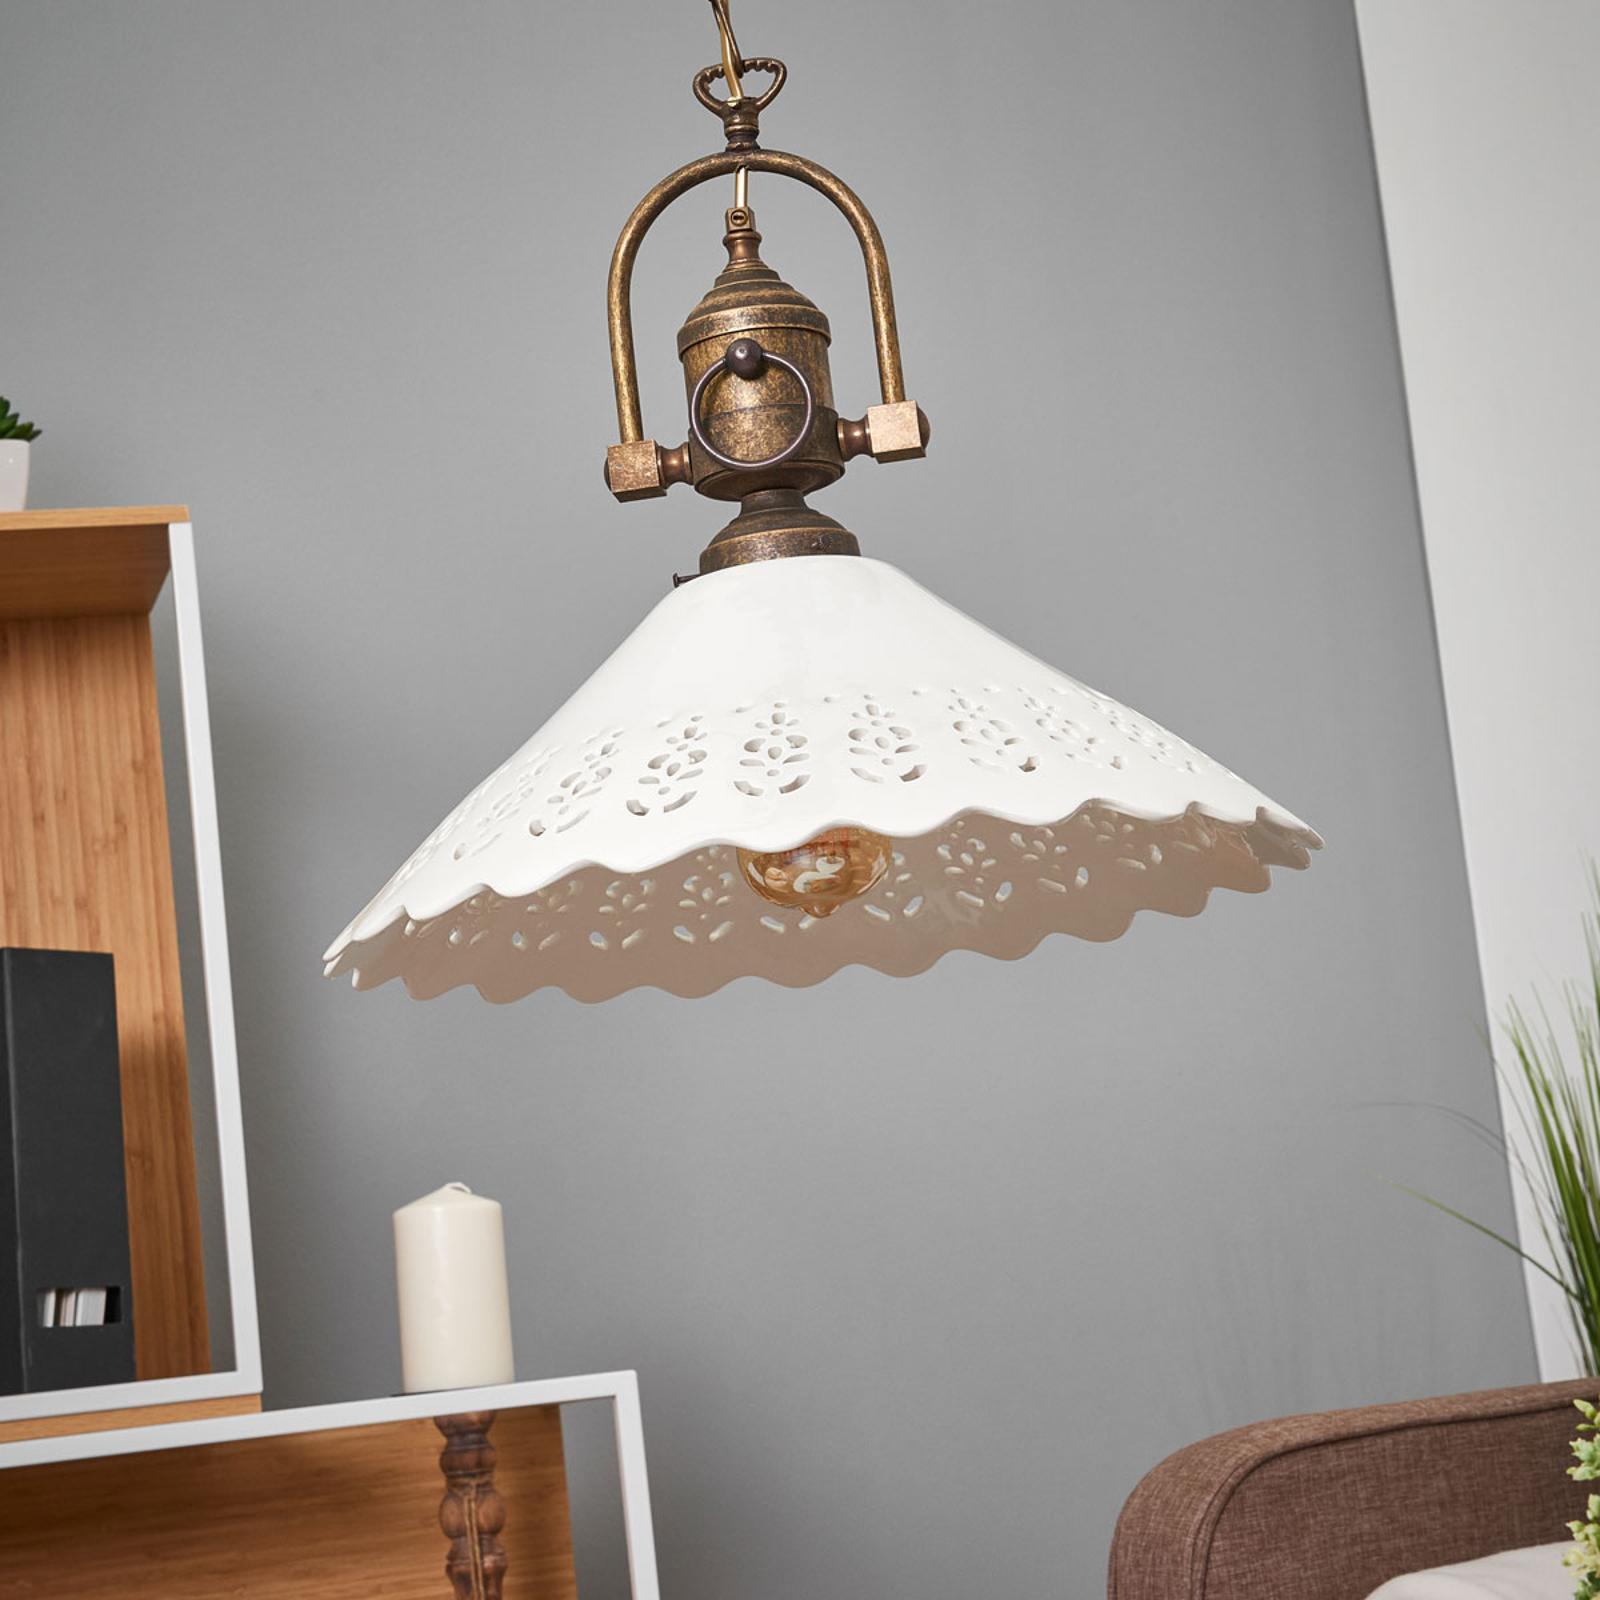 Lampa wisząca Pizzo z łańcuchem, 1-punktowa